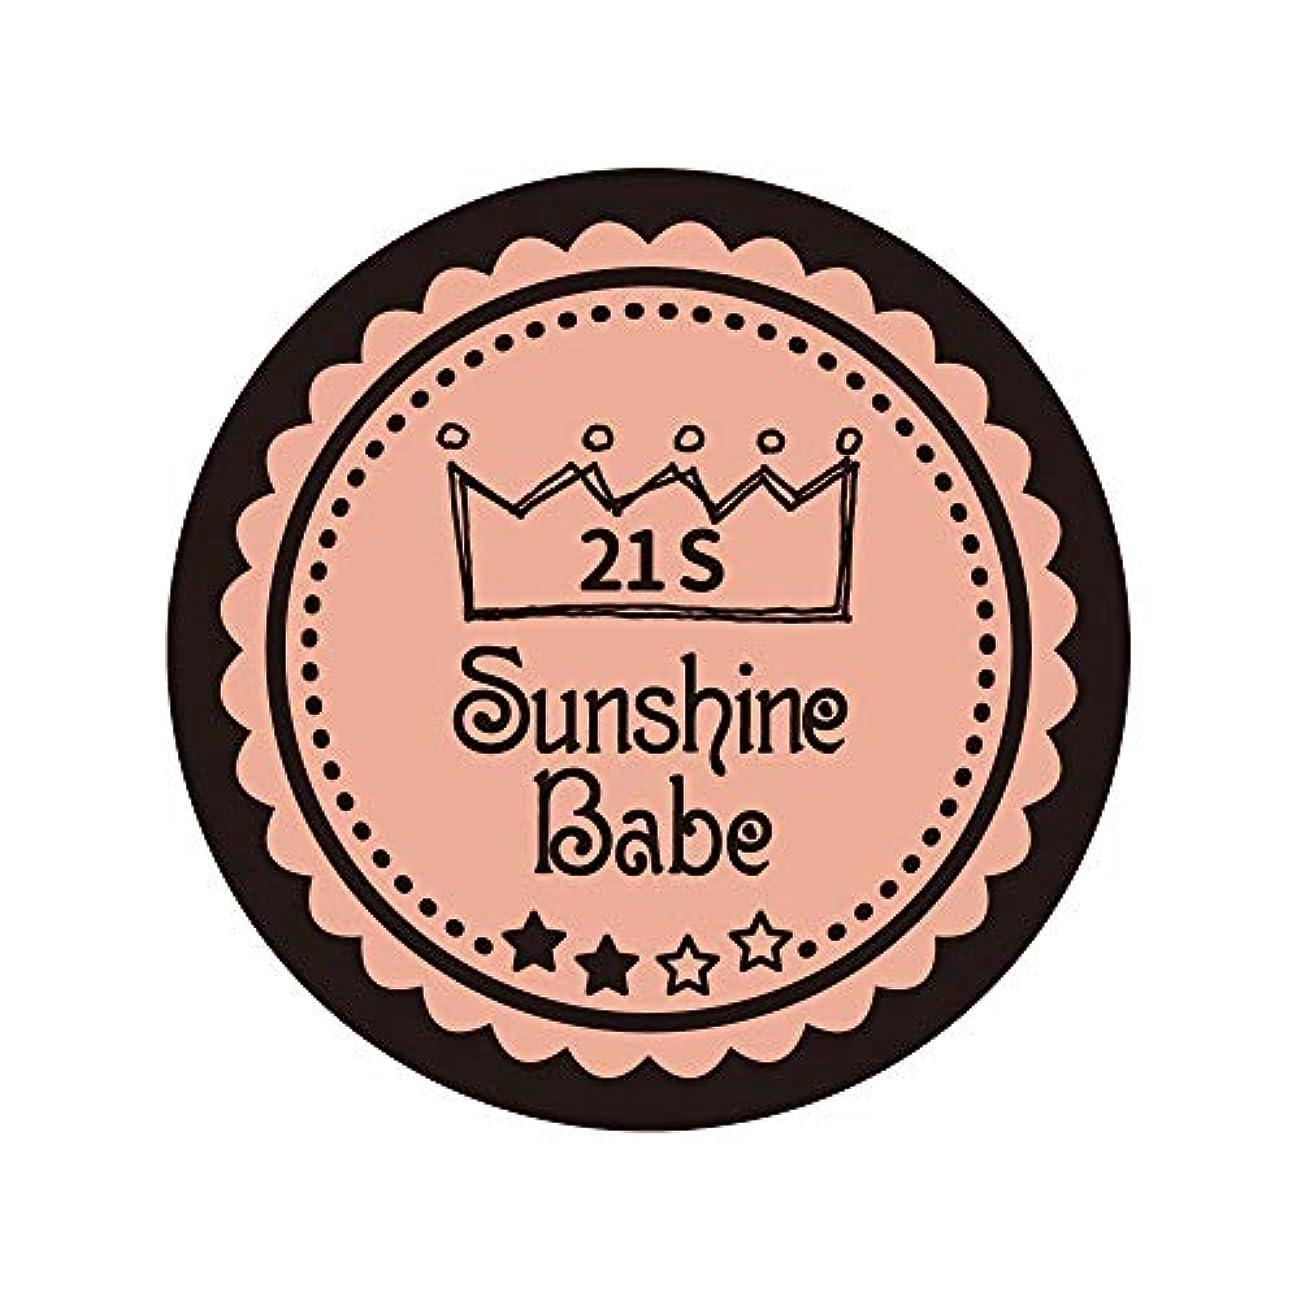 勇者厄介なアスリートSunshine Babe カラージェル 21S アロンピンク 2.7g UV/LED対応